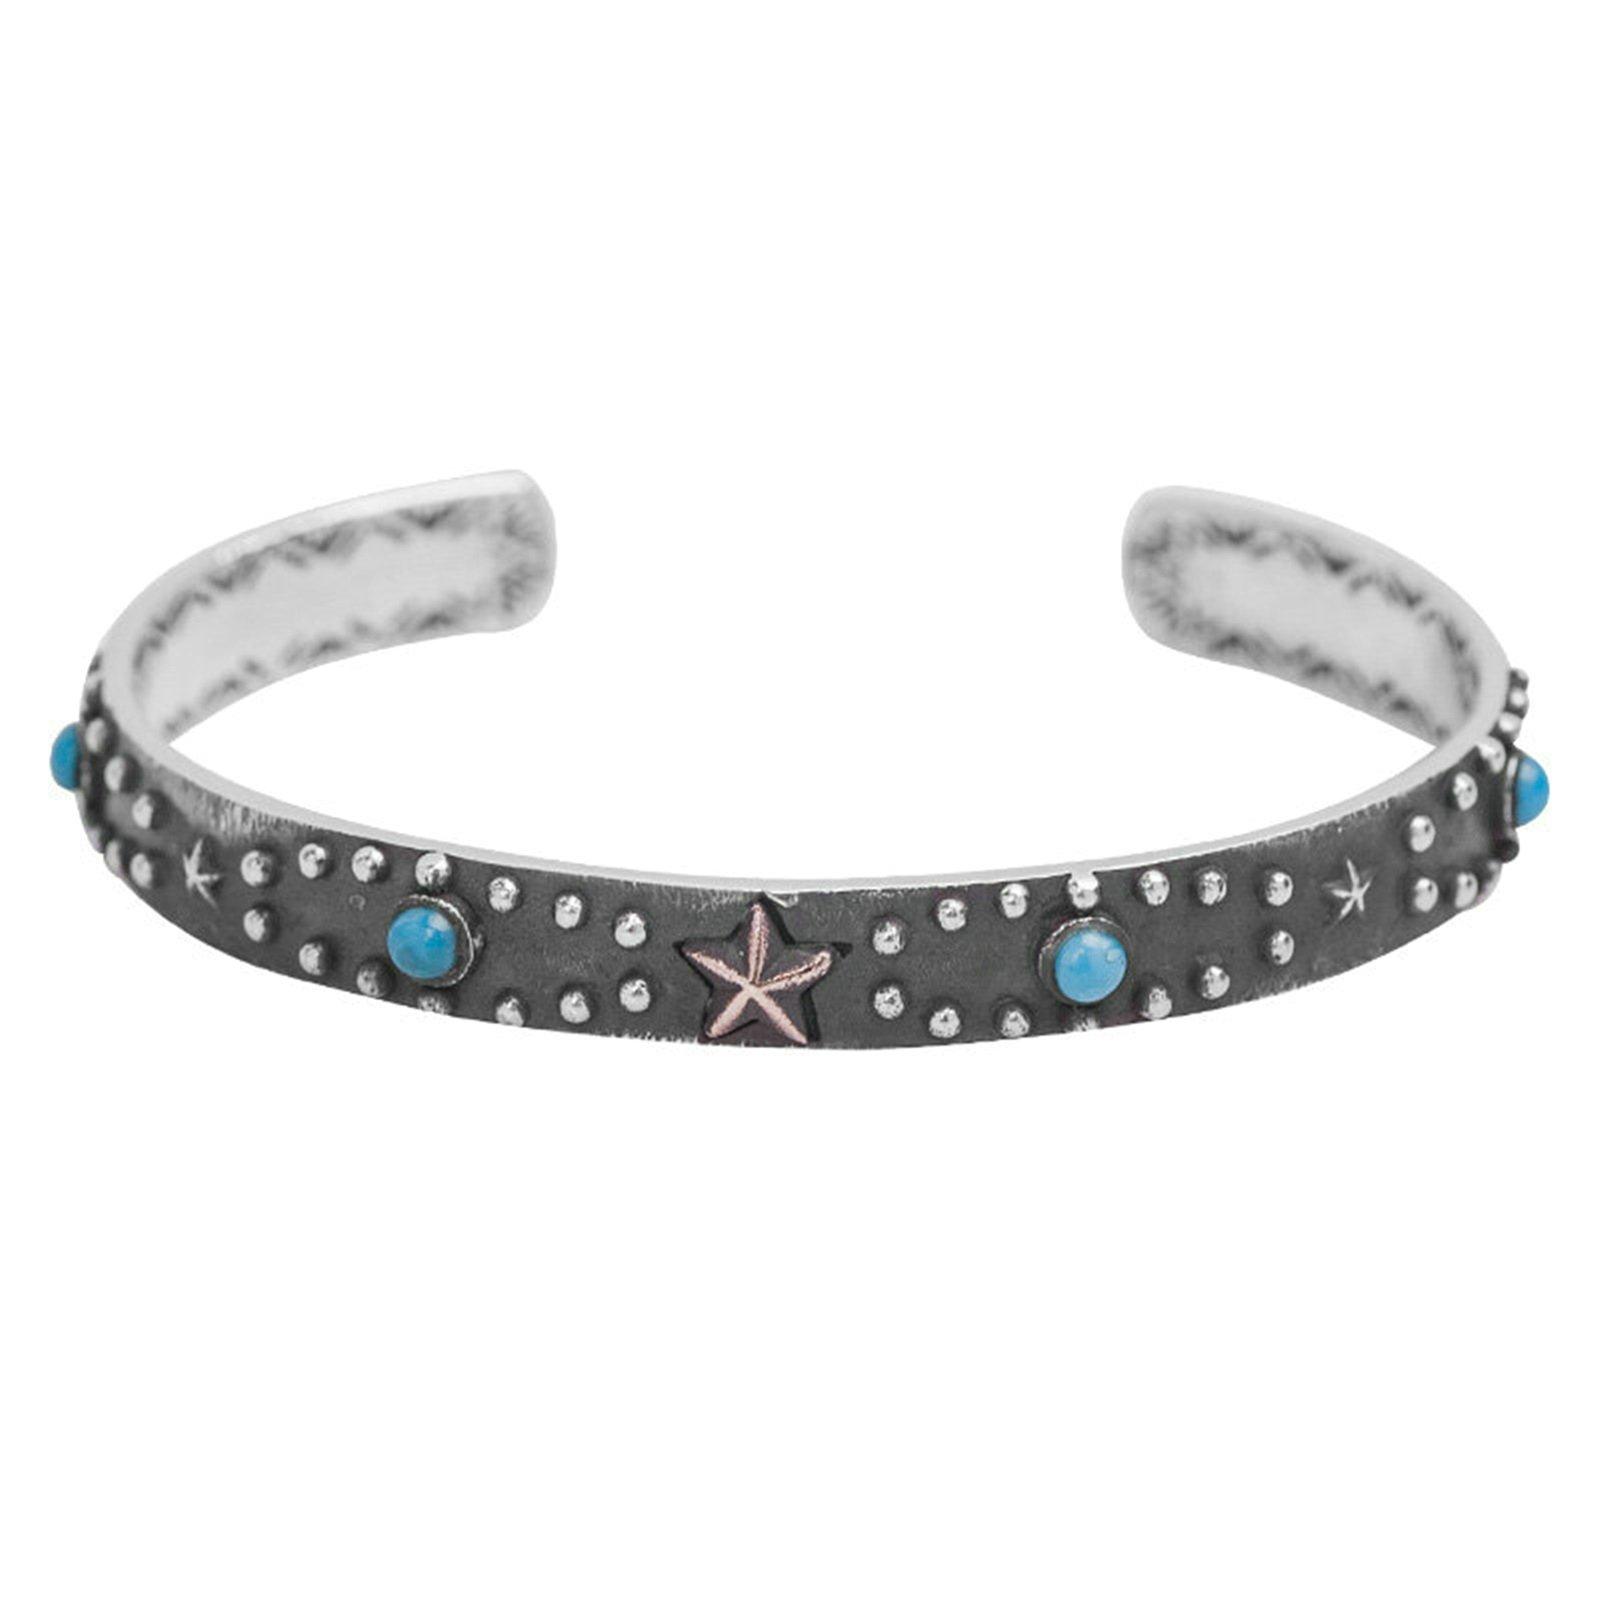 Daesar 925 Silver Bracelet For Women And Men Turquoise Star Unisex Bracelet Silver